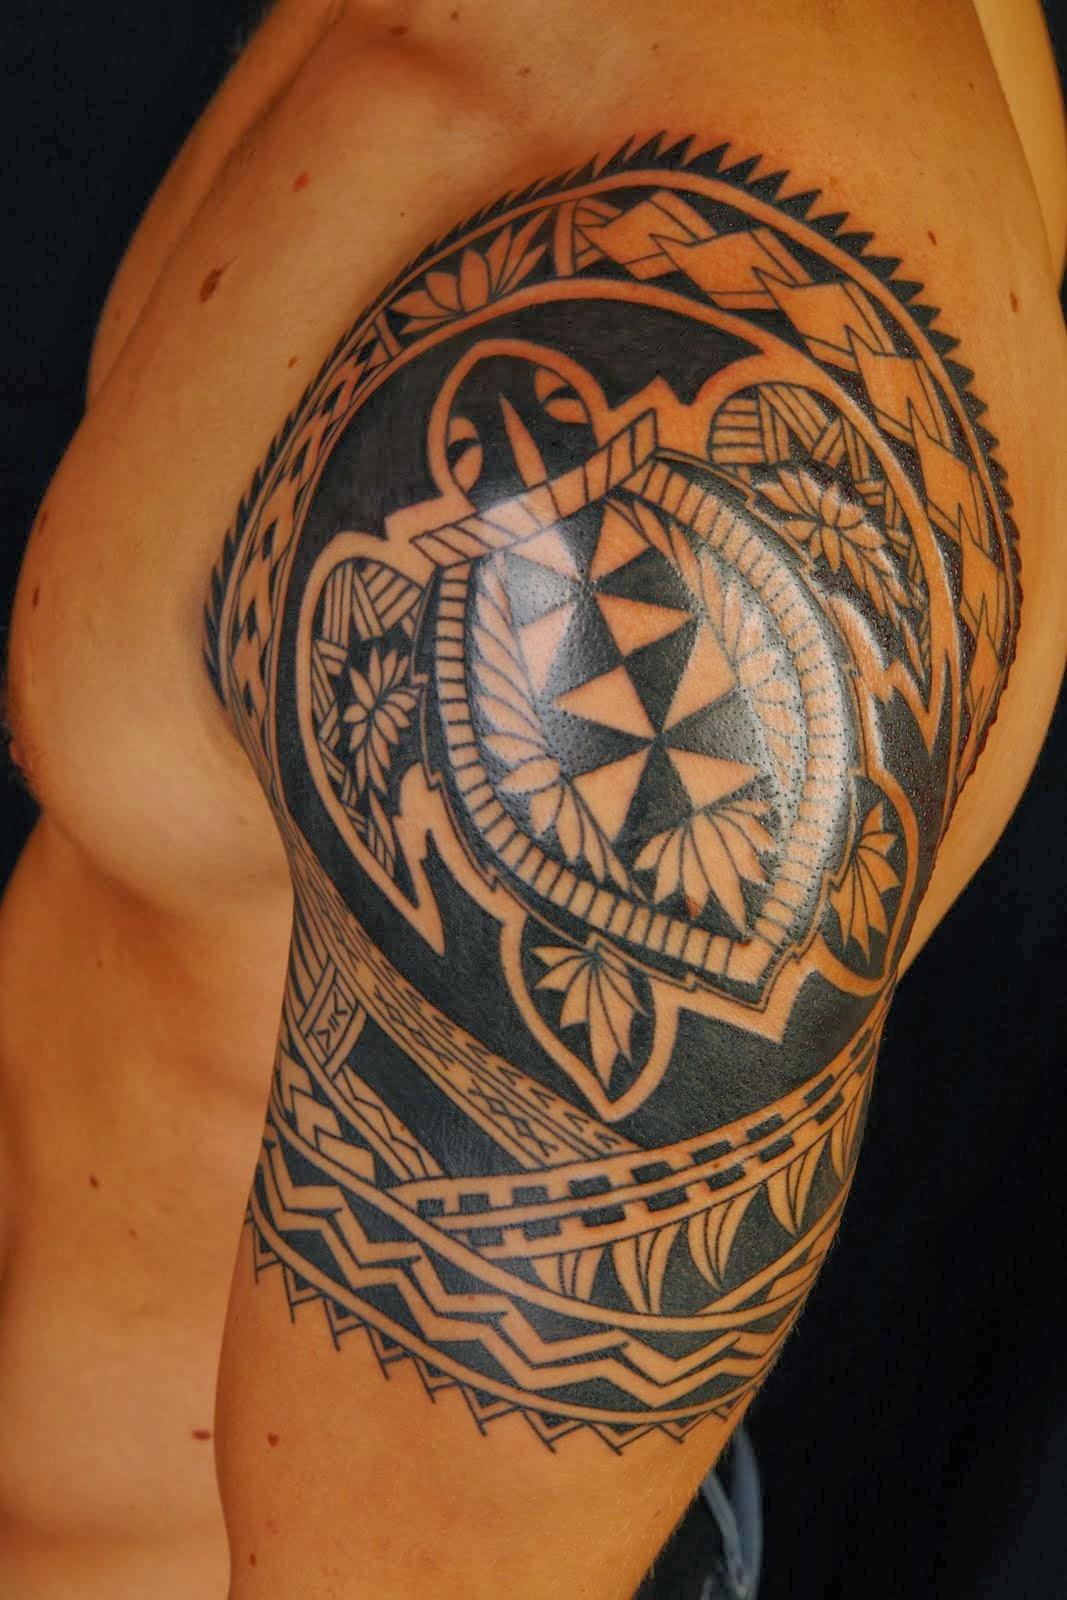 Hip Flower Tattoos La Ink Tattoos Images Tattoo Of Hawaiian Tribal